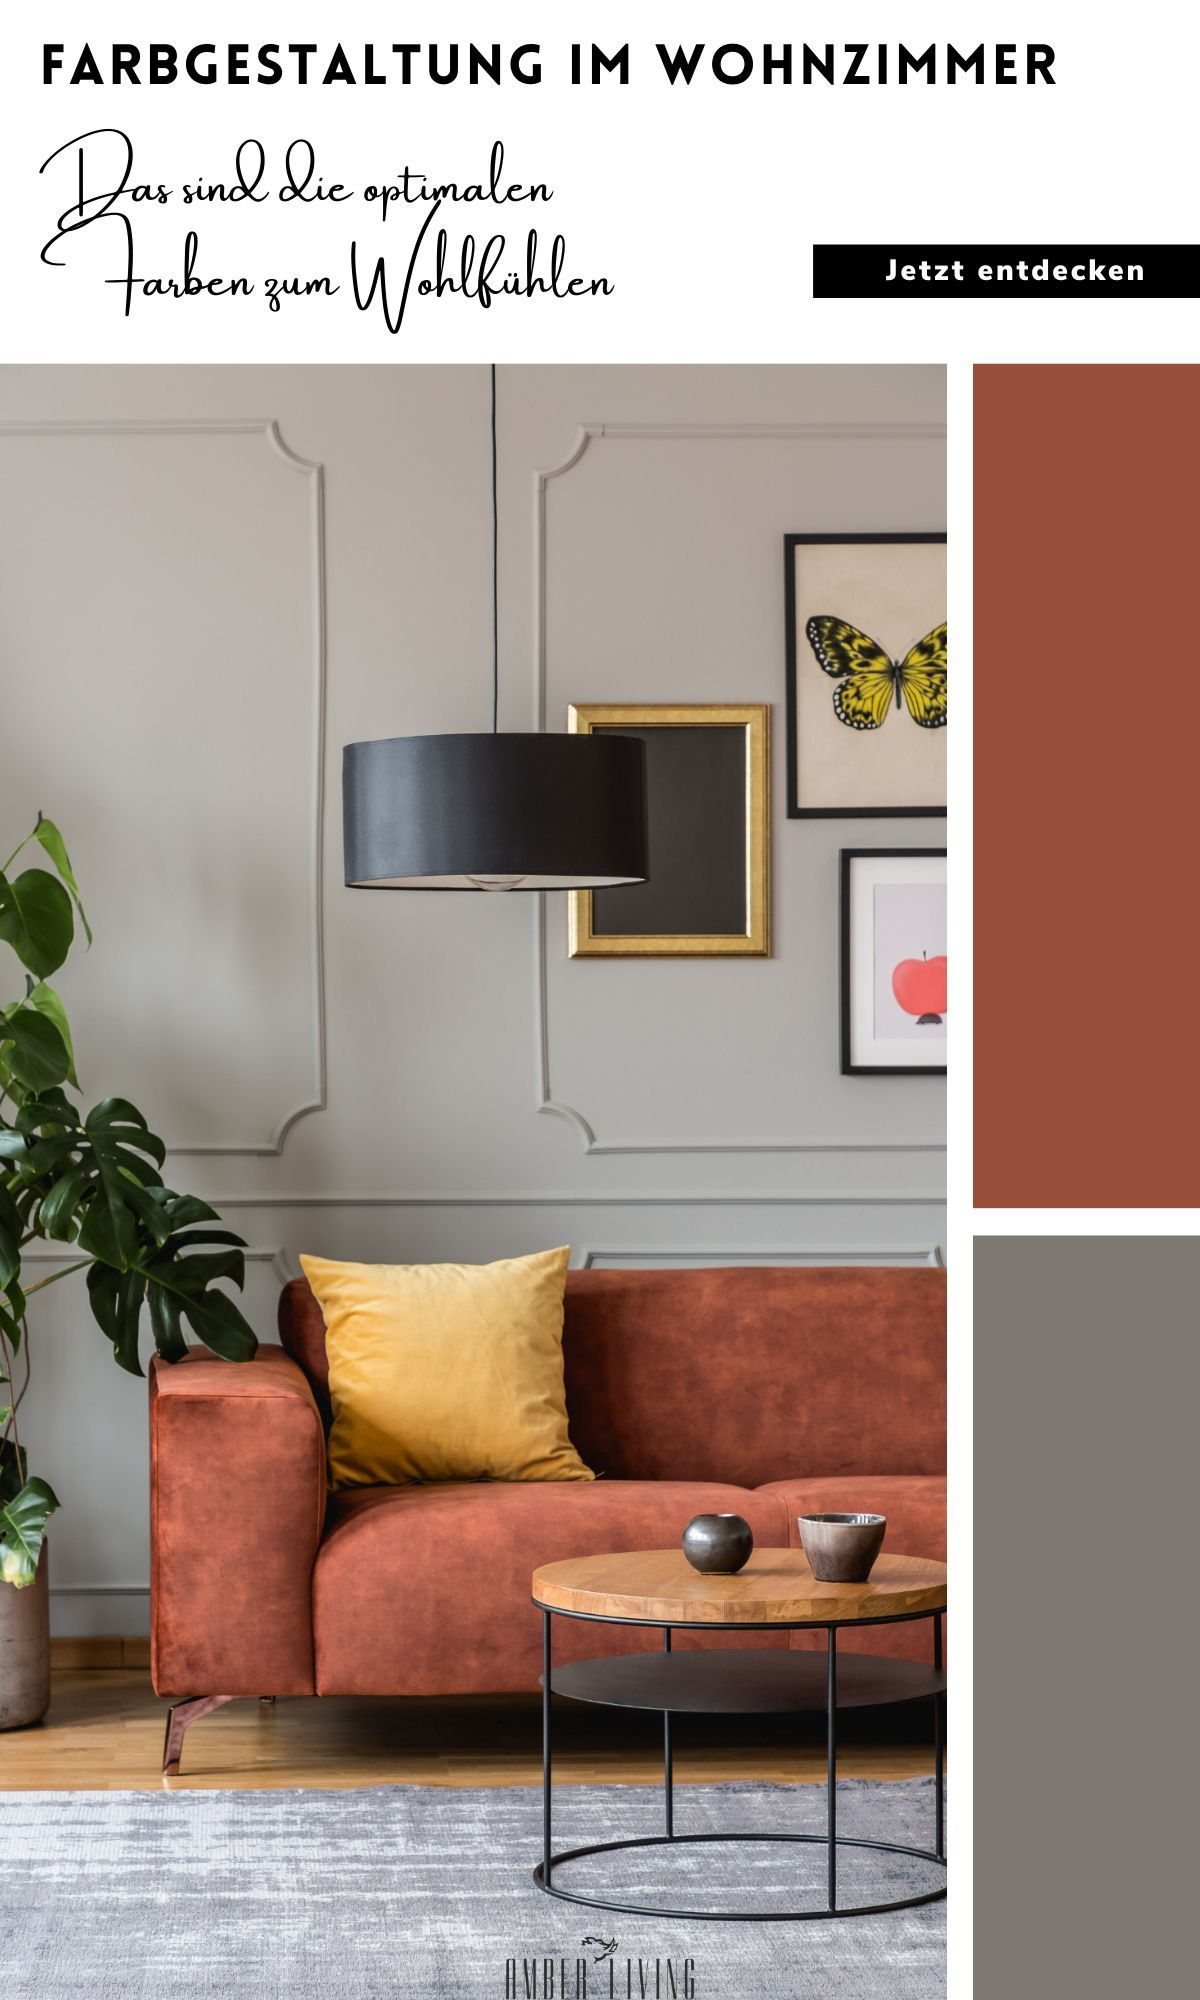 Die Besten Wohnzimmer Farben Wandfarbe Wohnzimmer Wohnzimmer Farbe Wohnzimmer